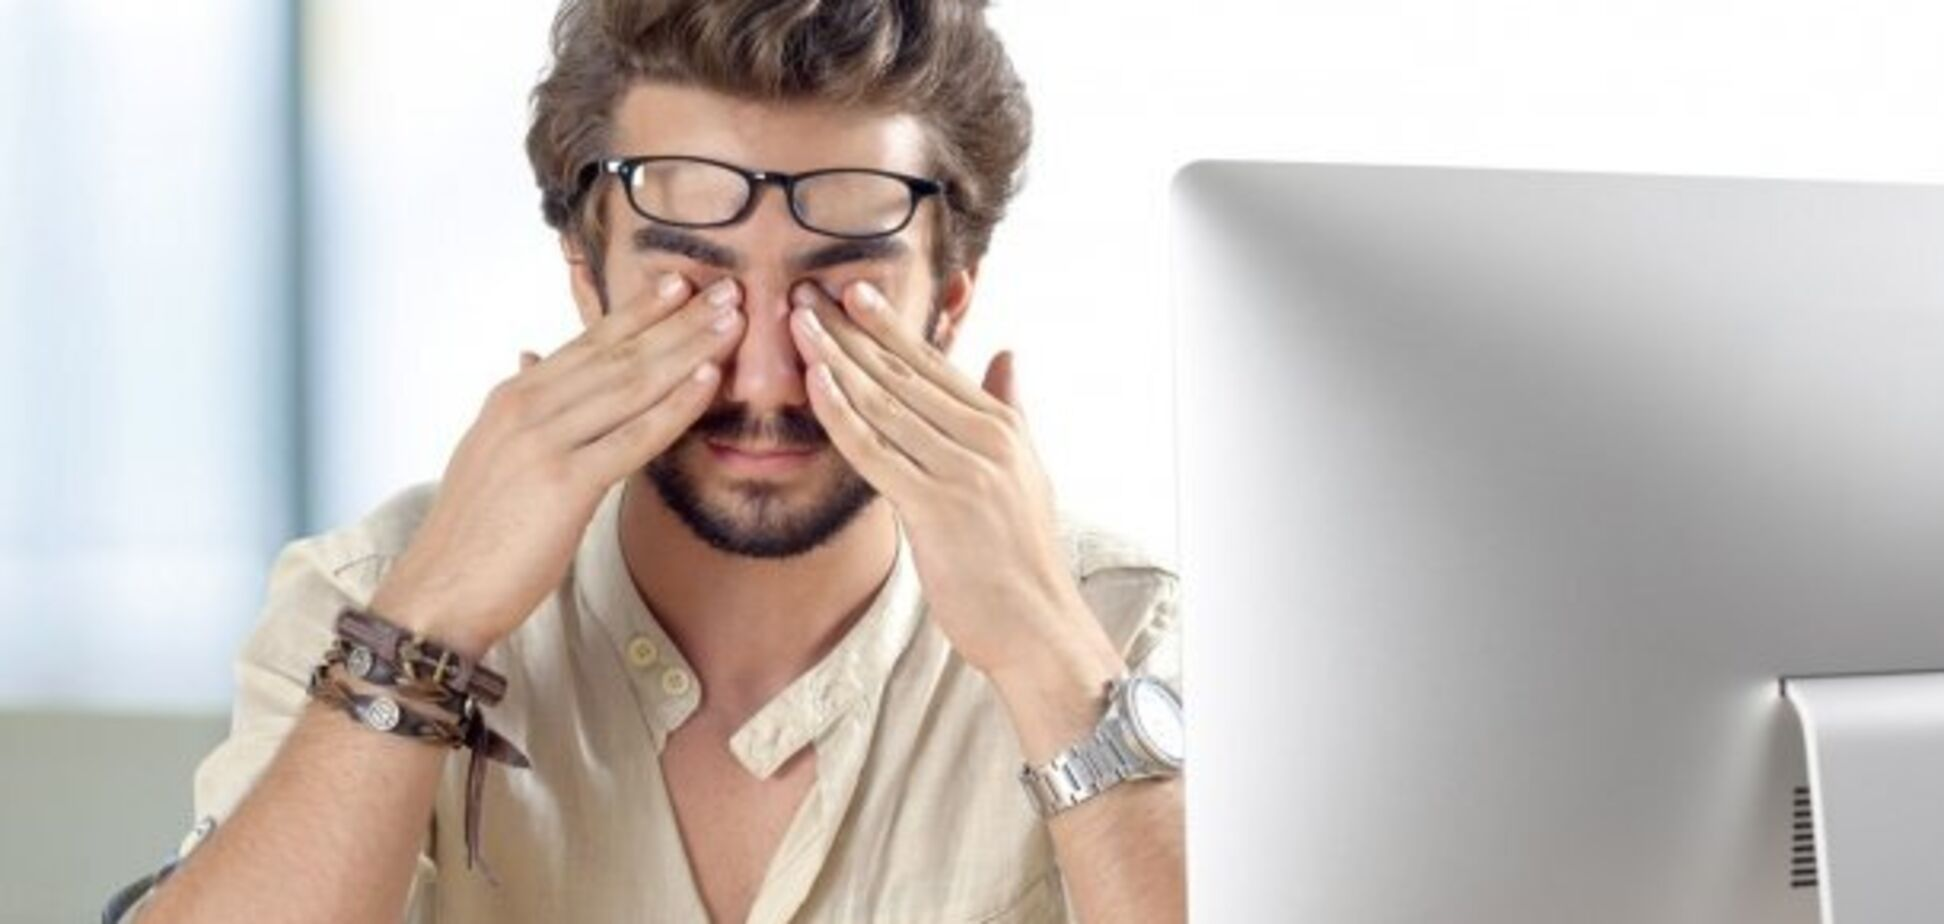 Глазная нейропатическая боль